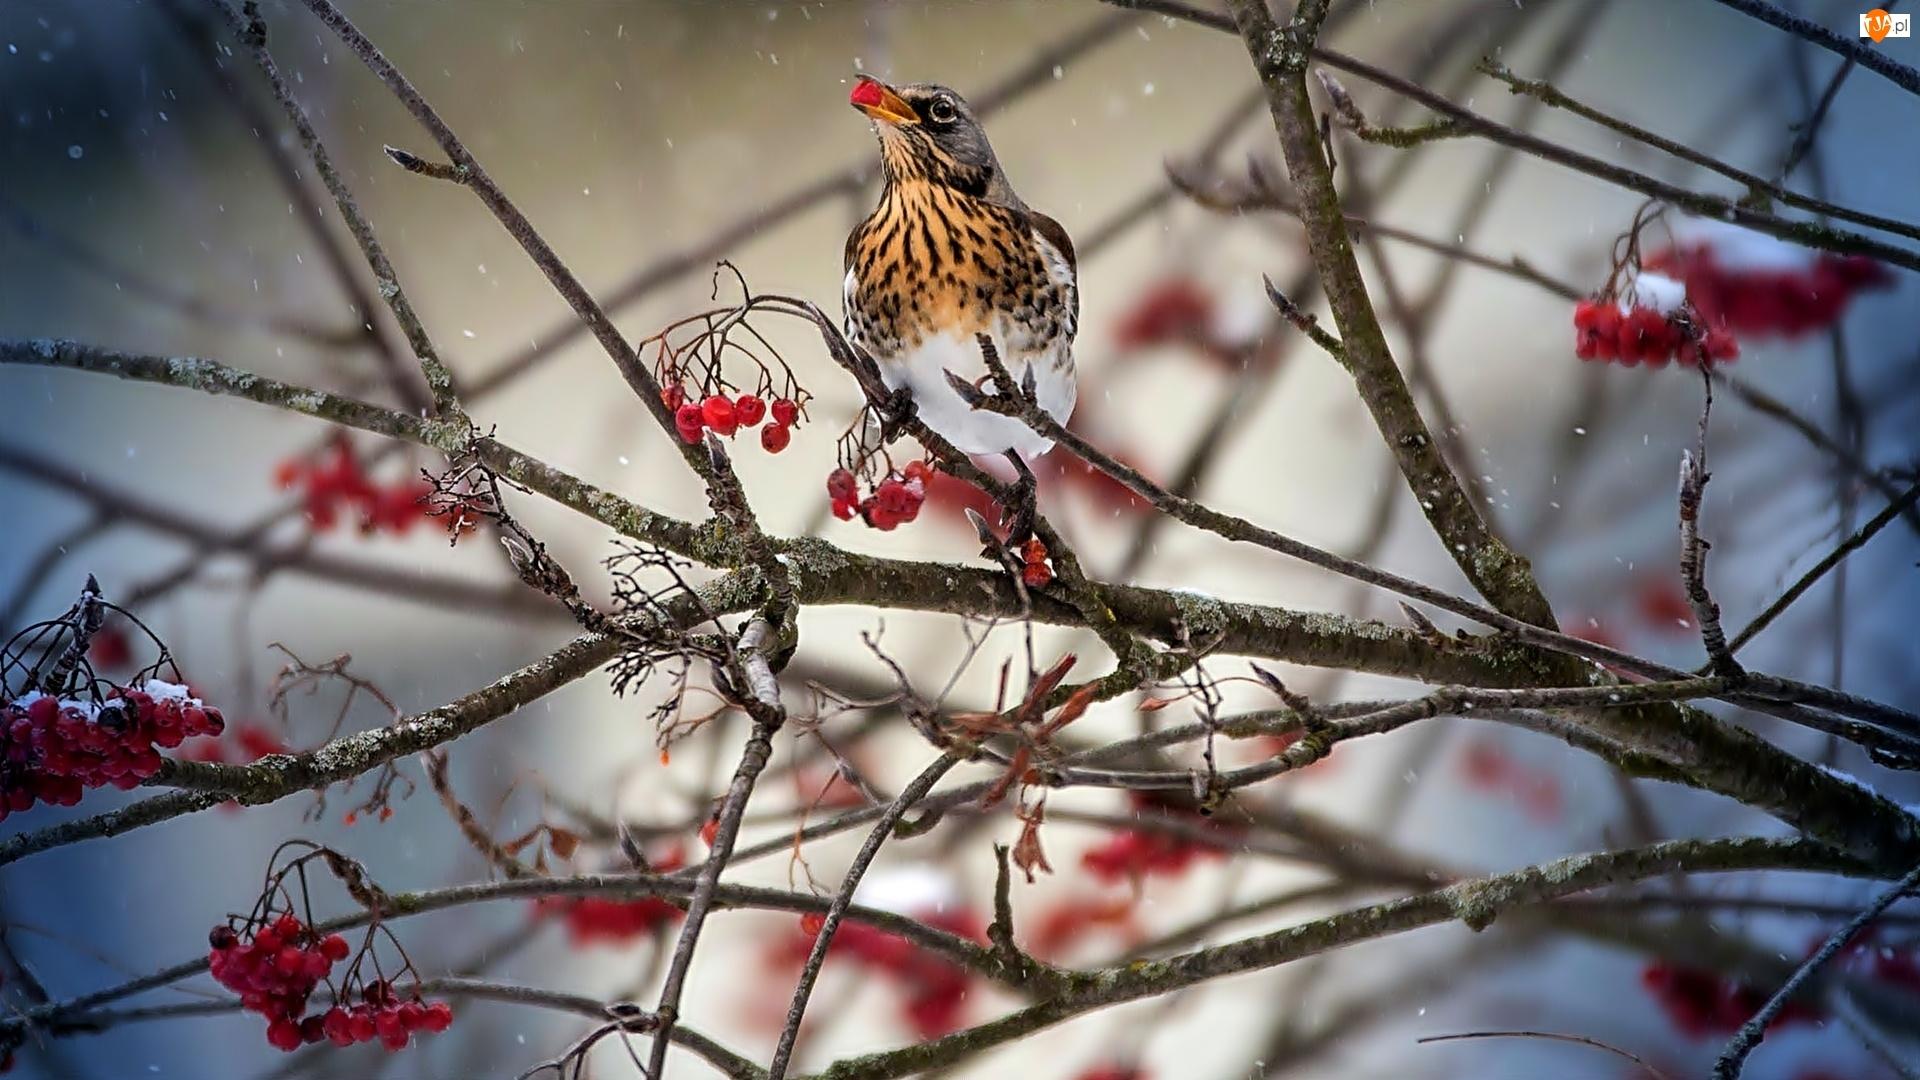 Jarzębiny, Ptak, Owoce